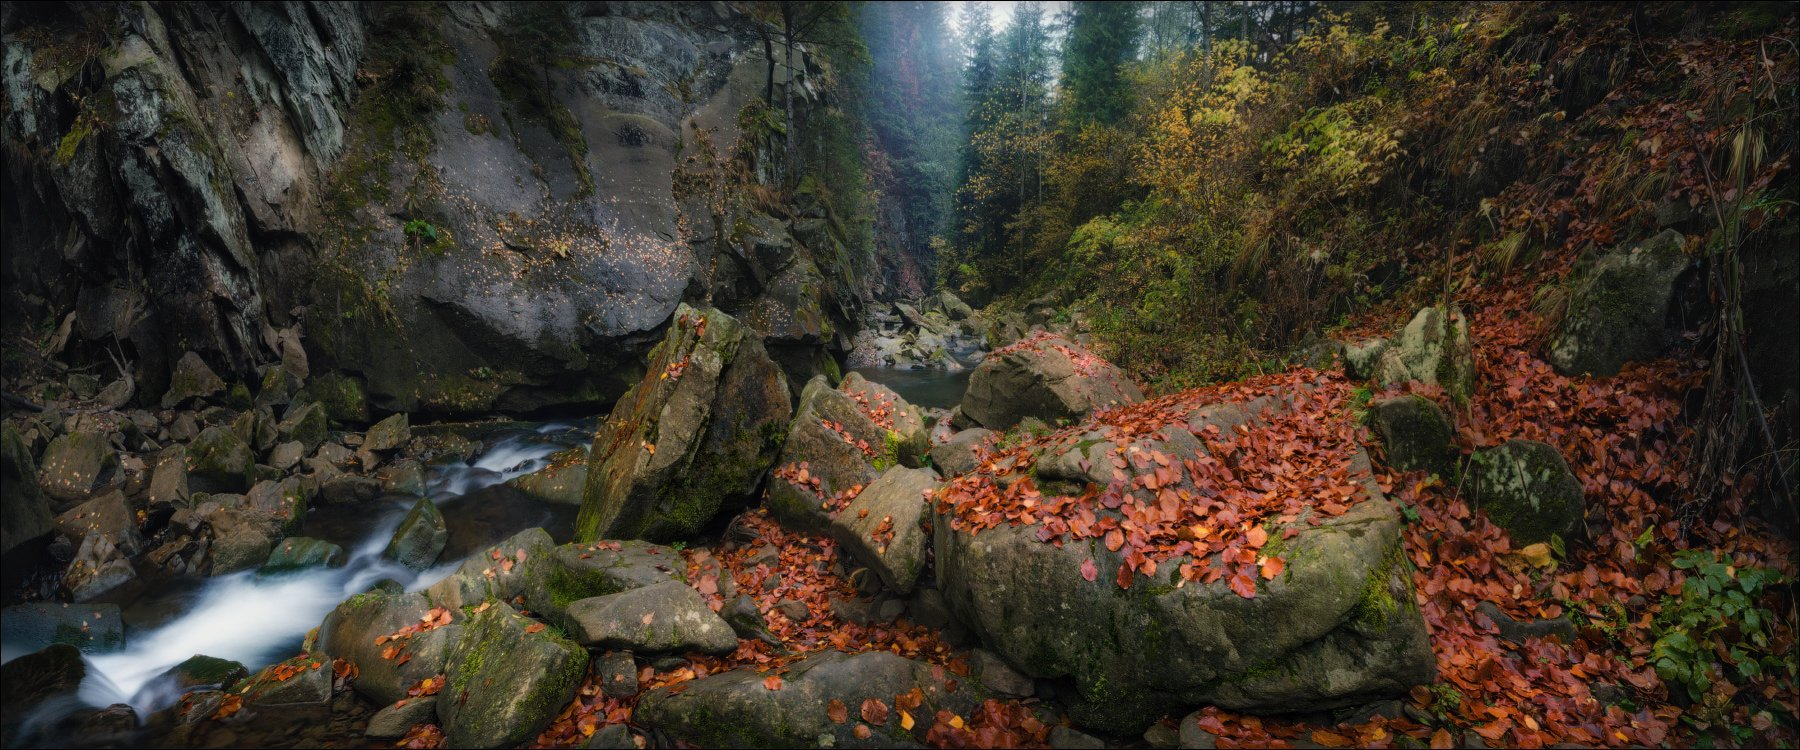 Водопад, Каменка, Карпаты, Прикарпатье, Сколе, Влад Соколовский